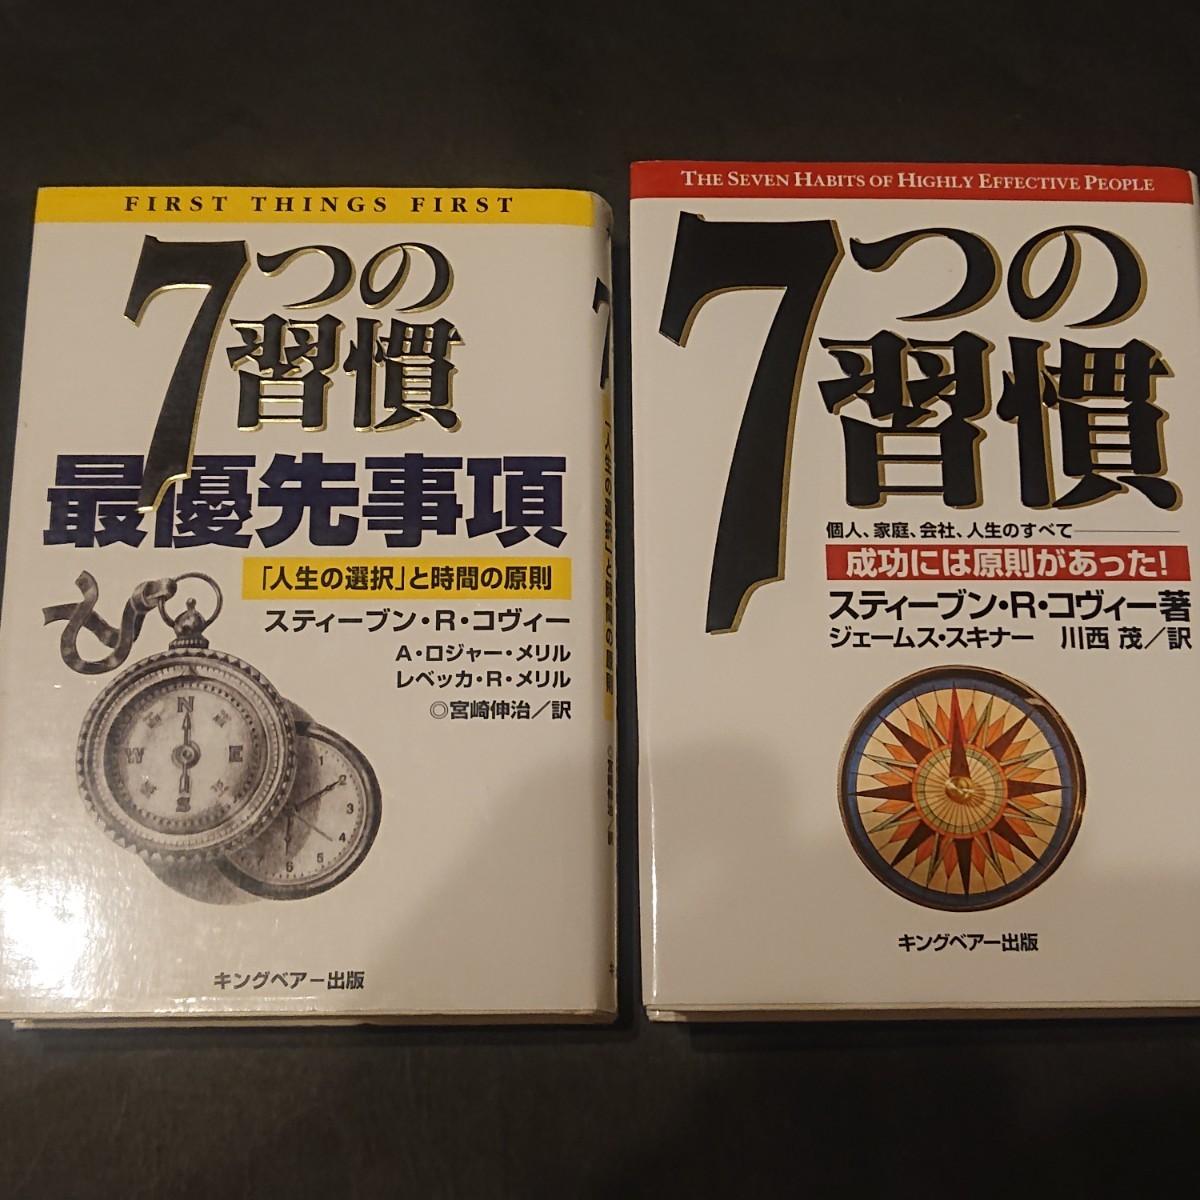 7つの習慣 成功には原則があったと最優先事項の二冊まとめて